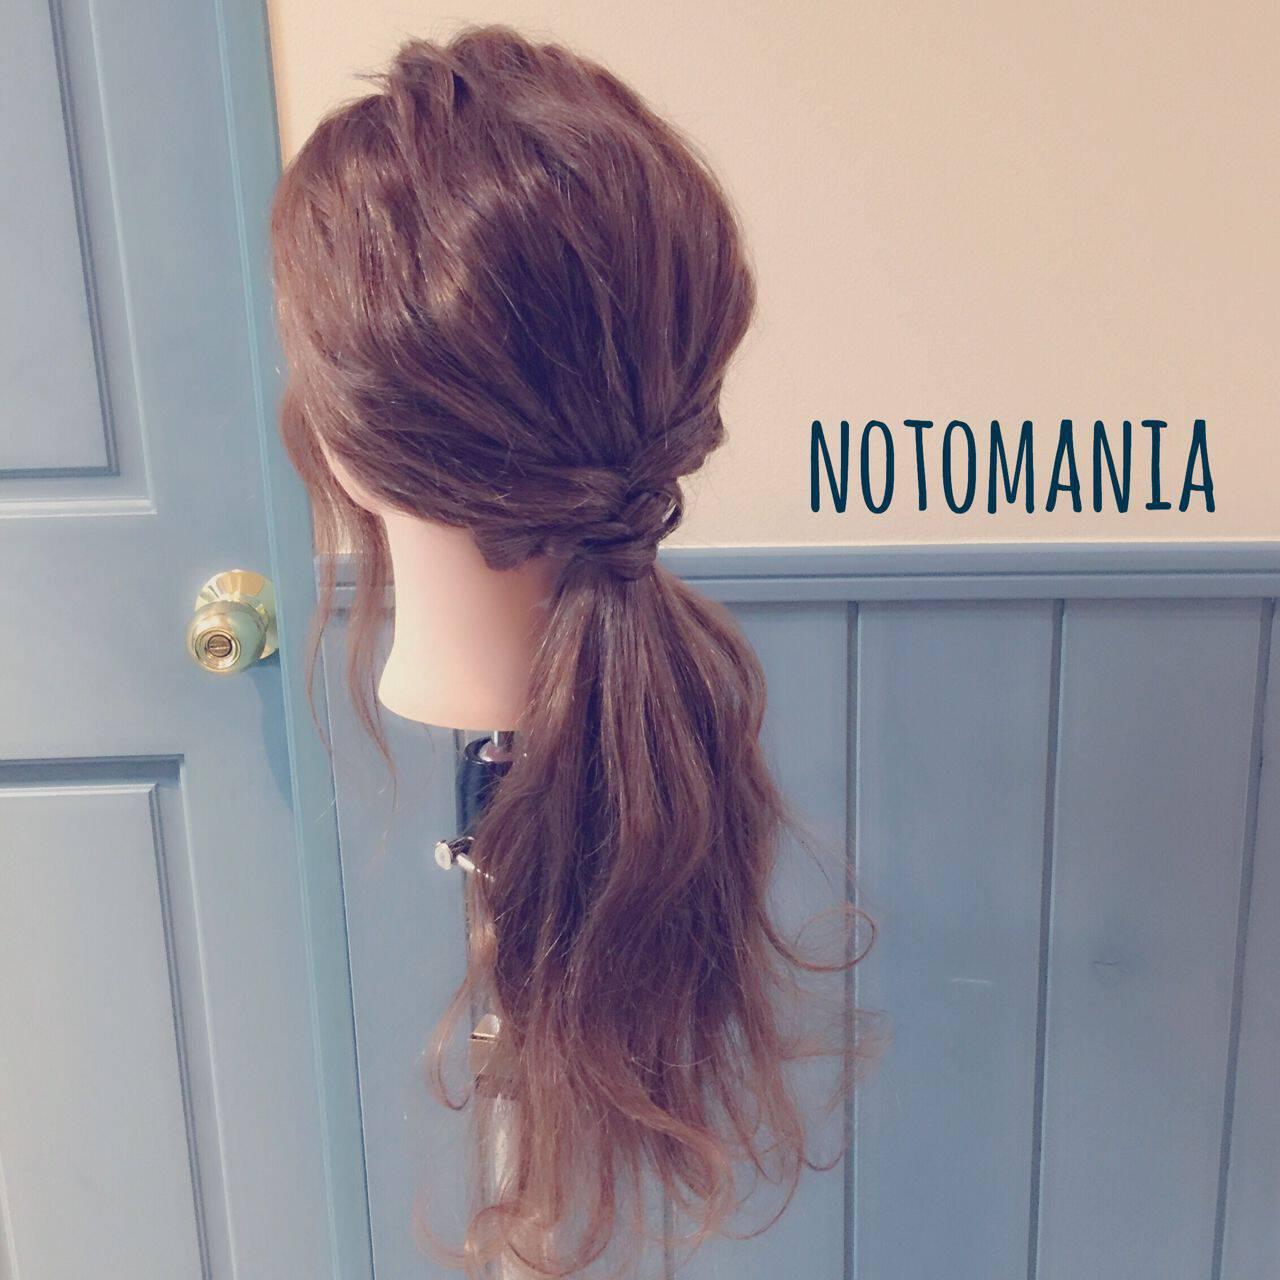 ヘアアレンジ ルーズ ストリート ゆるふわヘアスタイルや髪型の写真・画像